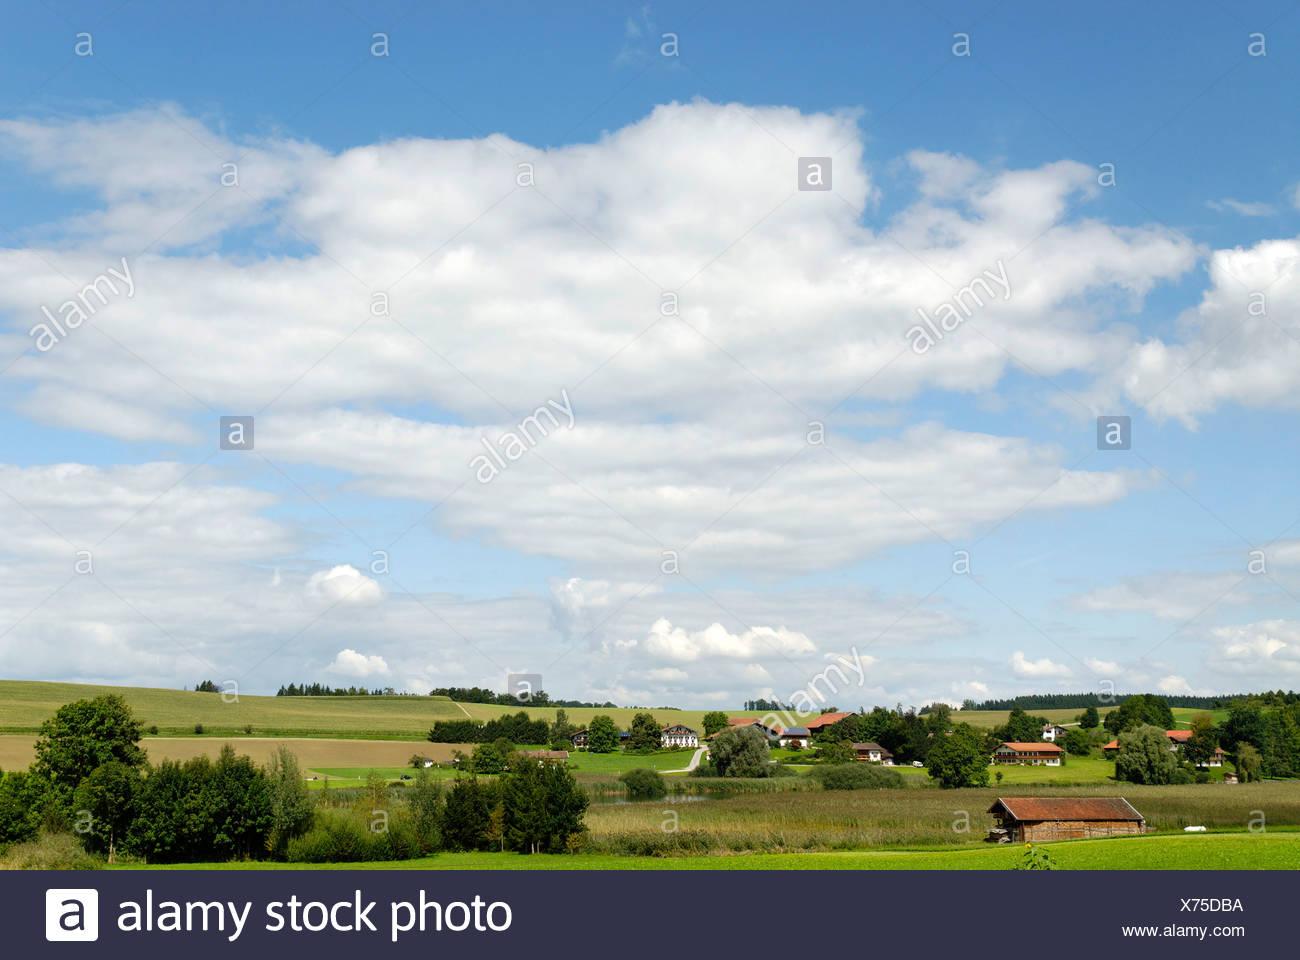 Moränenlandschaft in der Nähe von Truchtlaching, Chiemgau, Oberbayern, Deutschland, Europa Stockbild